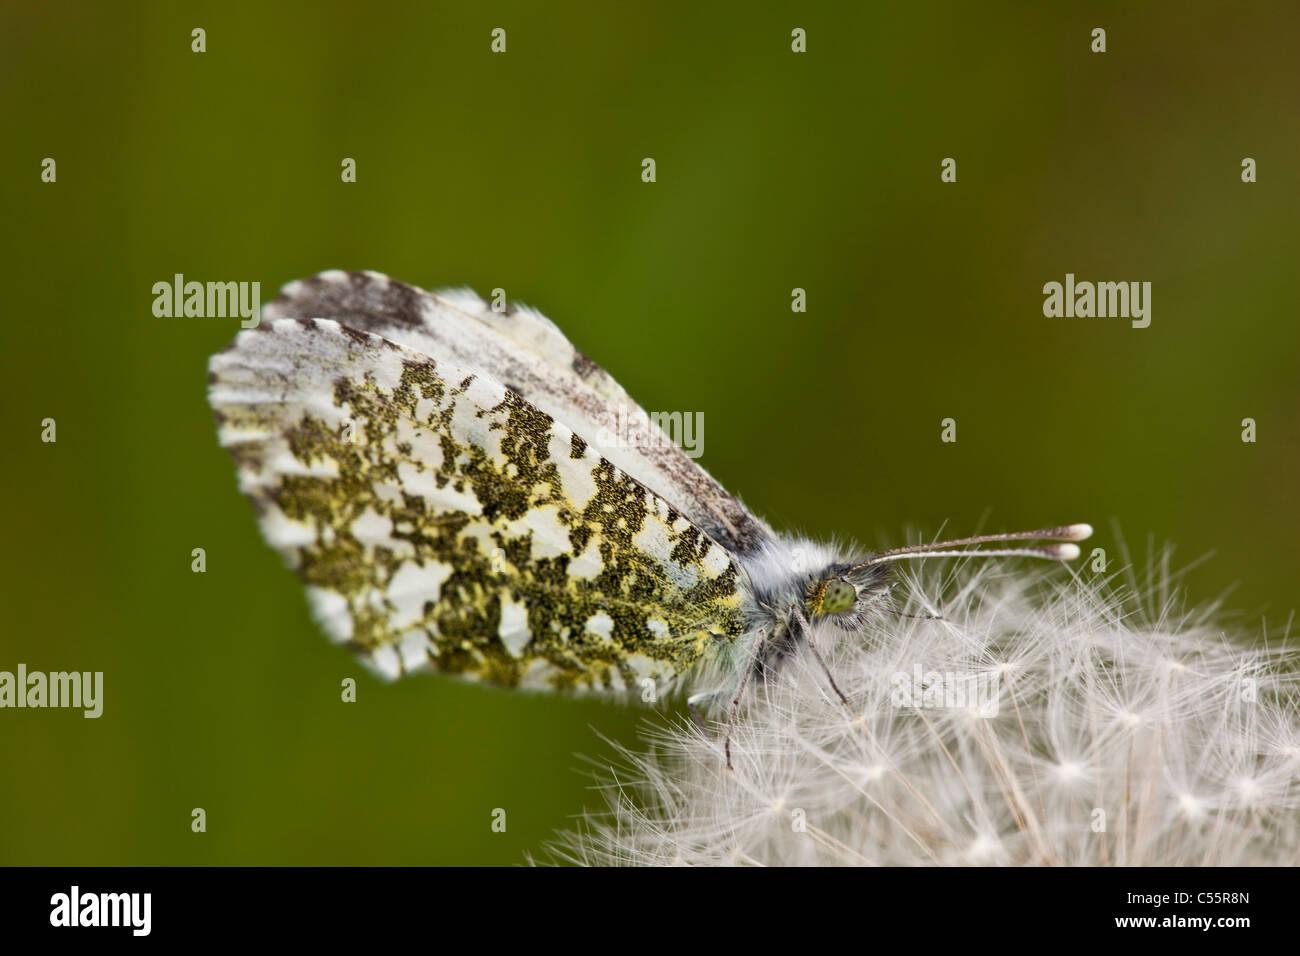 Den Niederlanden, Loon Op Zand, weibliche Orange Tipp Schmetterling, Anthocharis Cardamines, auf Löwenzahn Pappus. Stockfoto